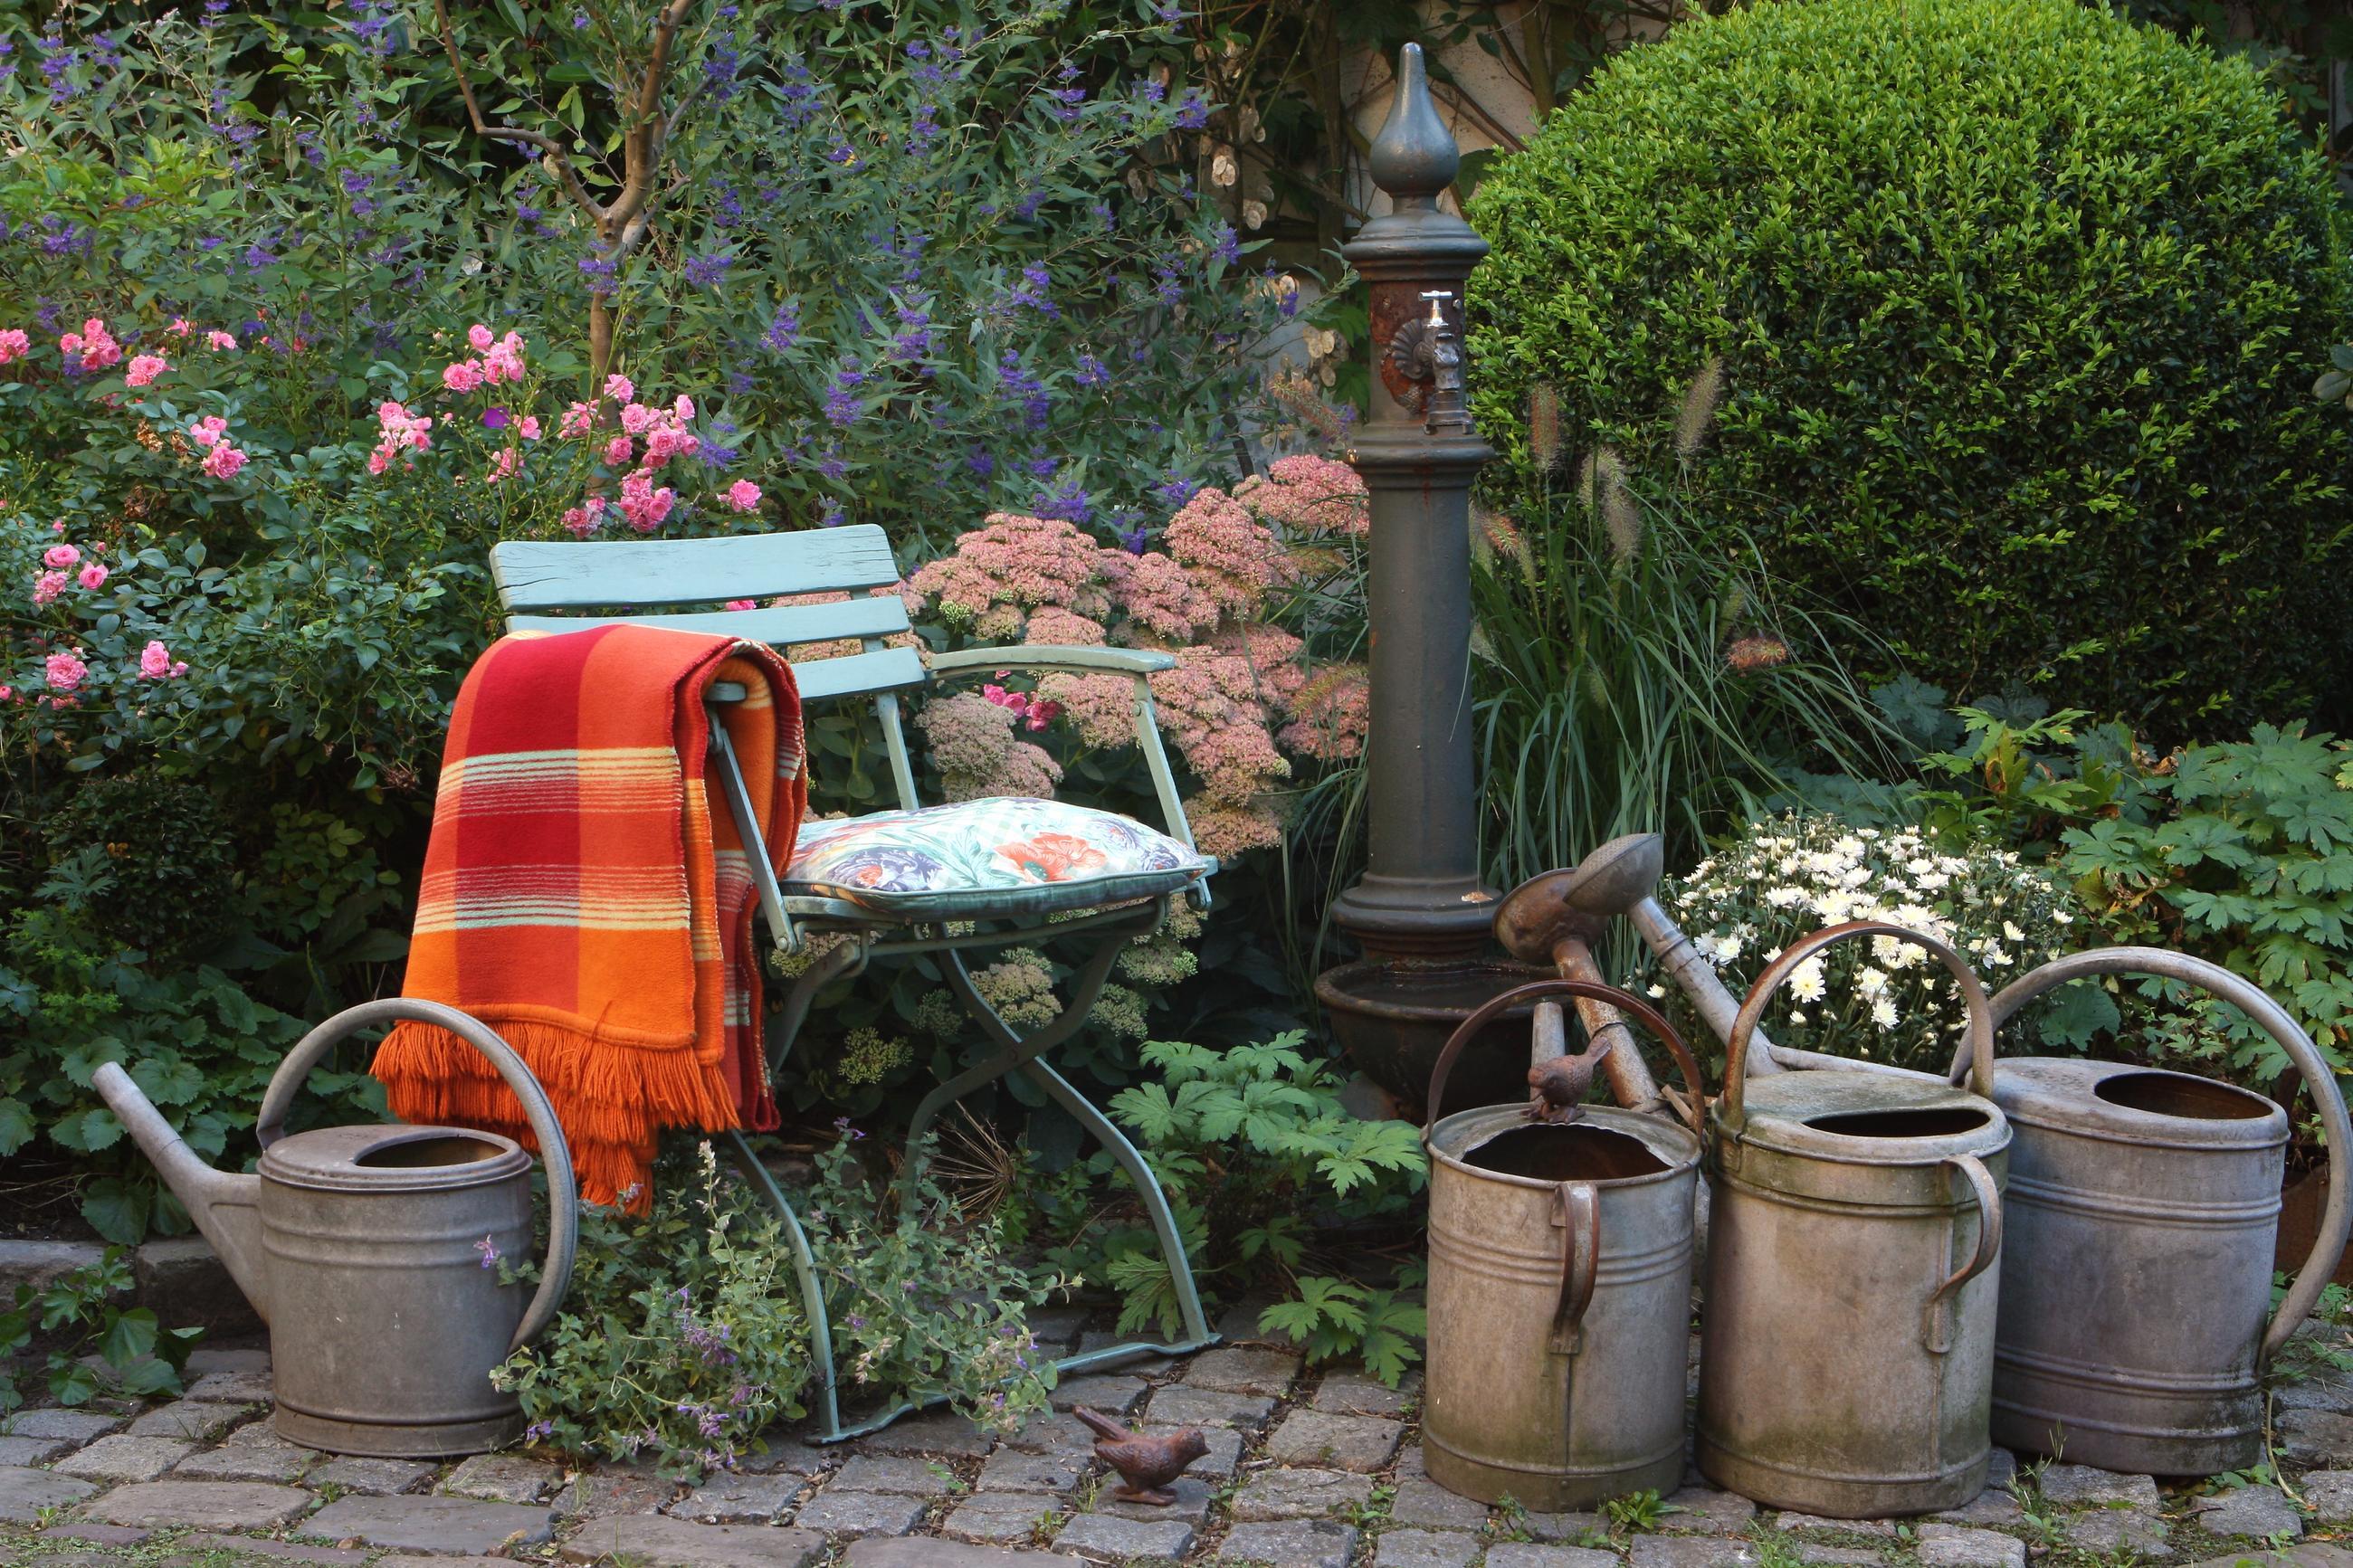 Kleiner Garten 10 Ideen zur platzsparenden Gartengestaltung   Plantura